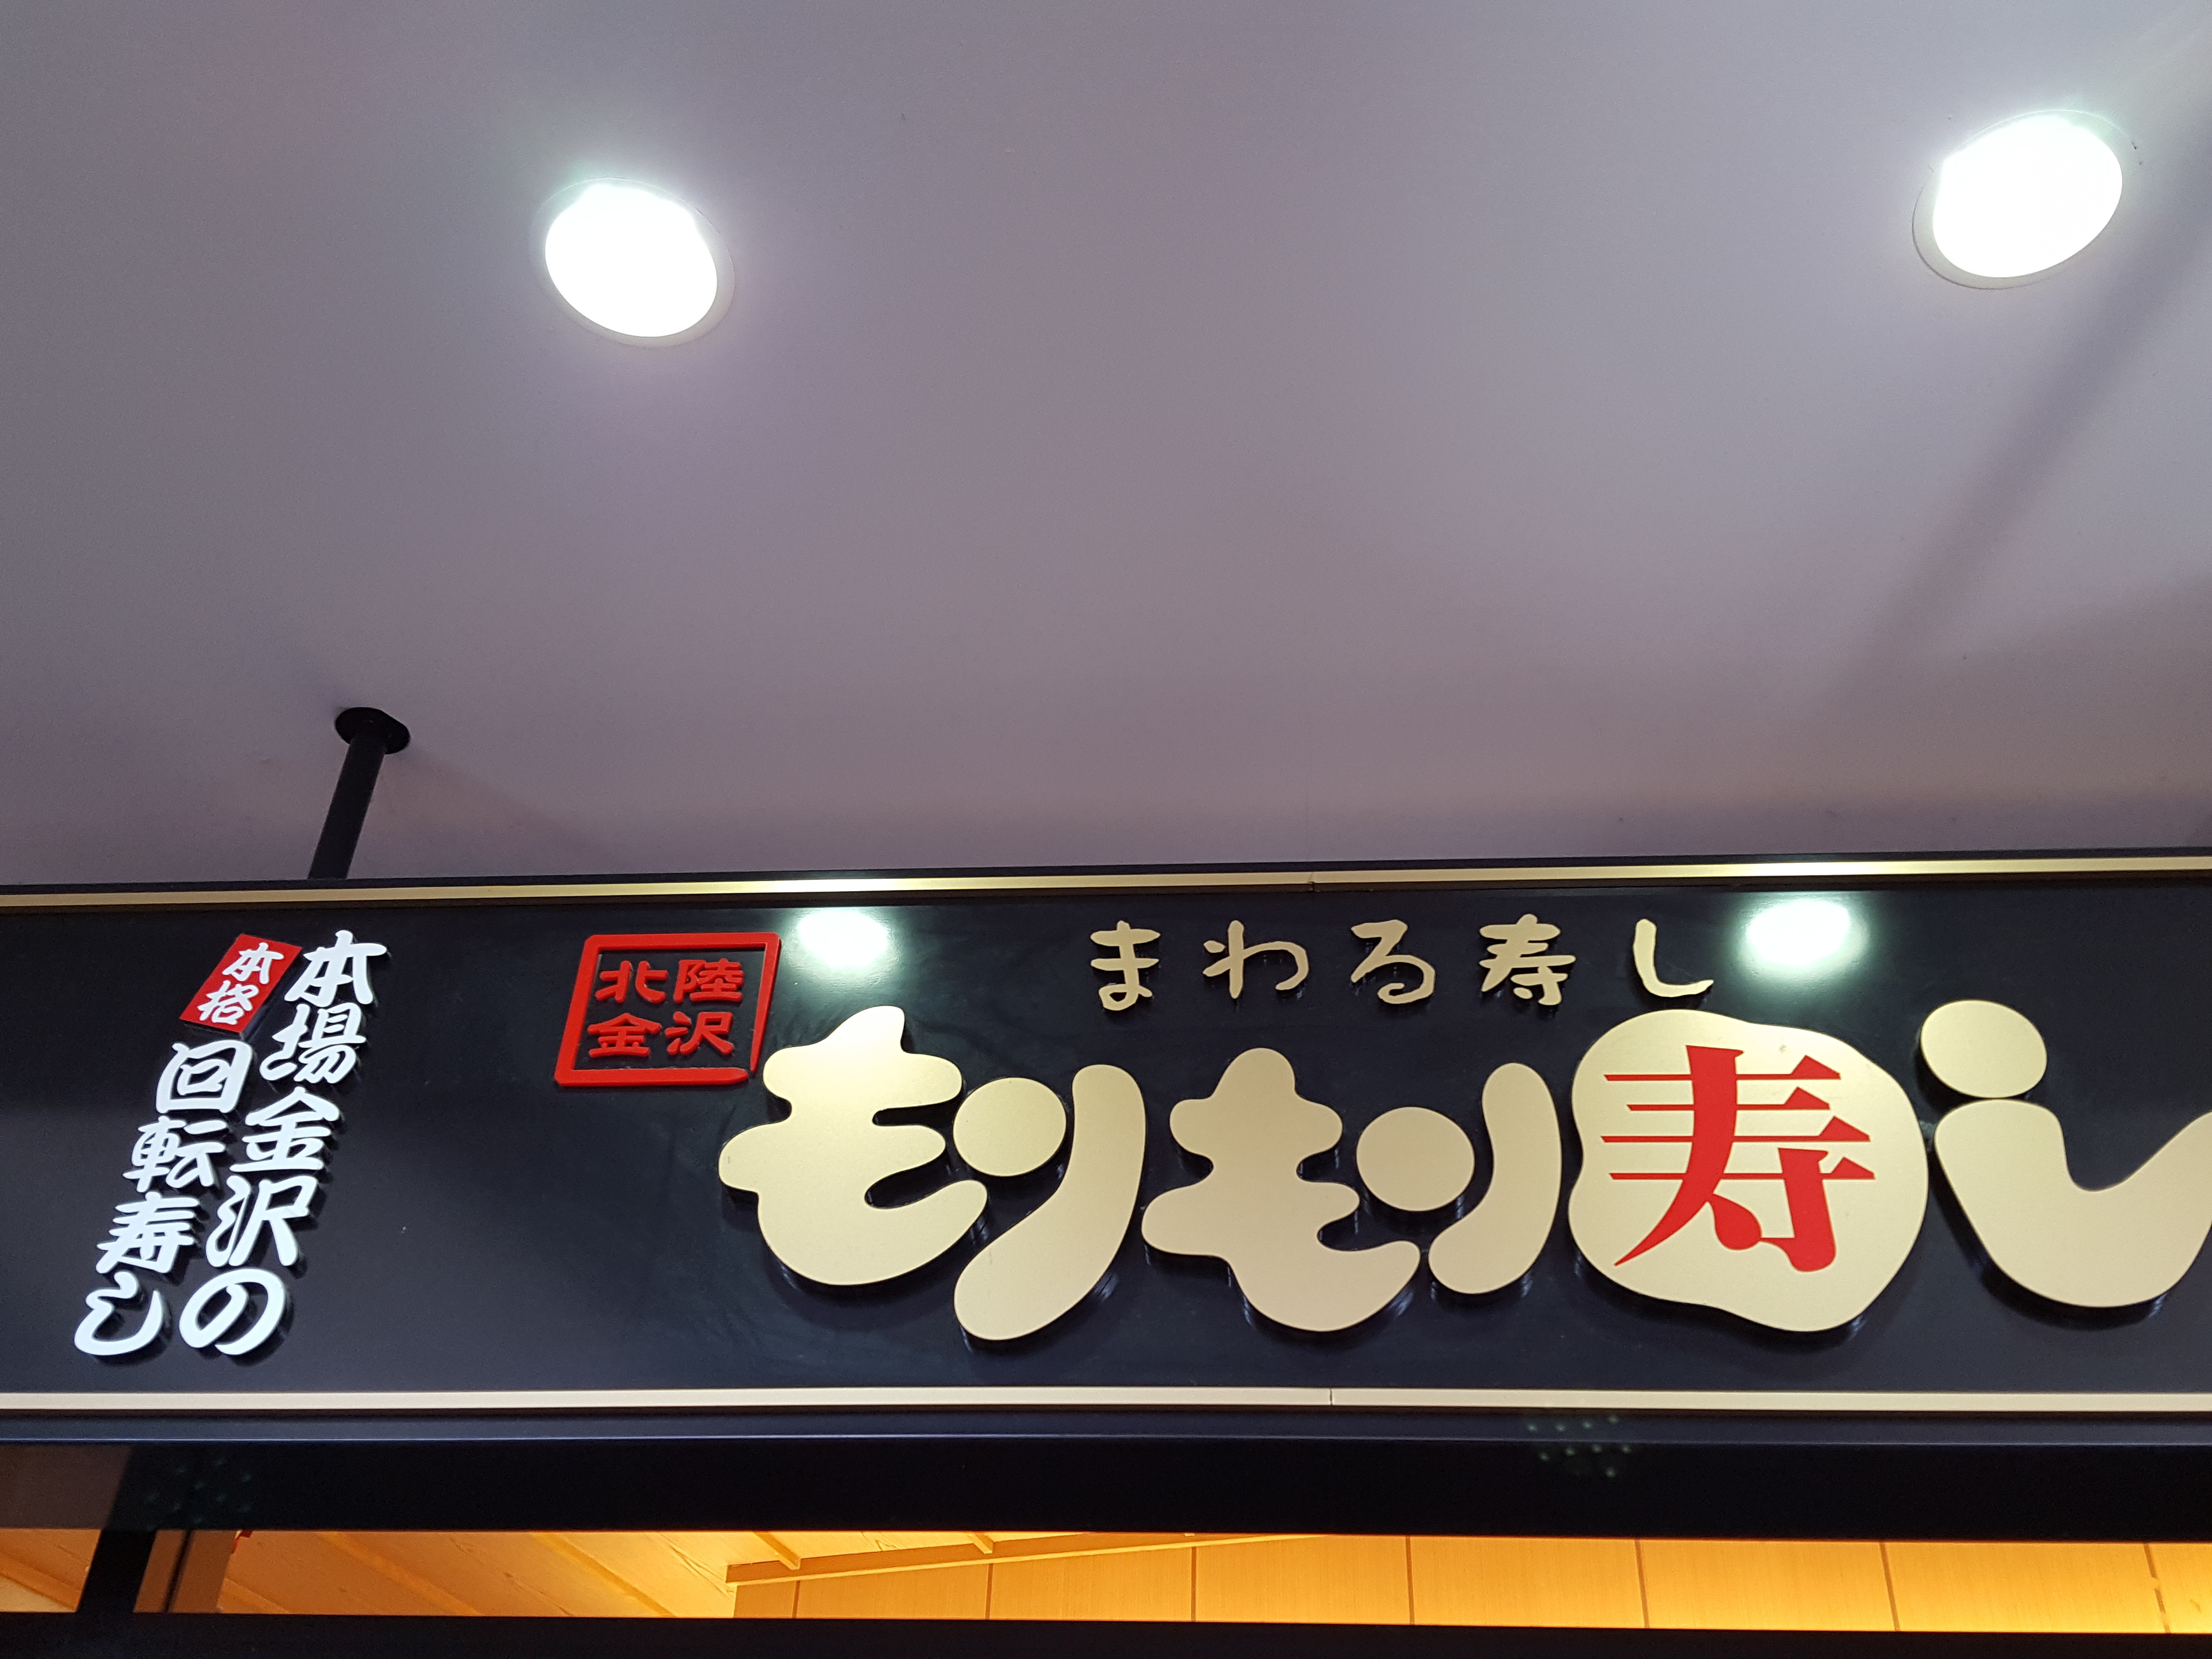 廻る寿司屋「もりもり寿司」